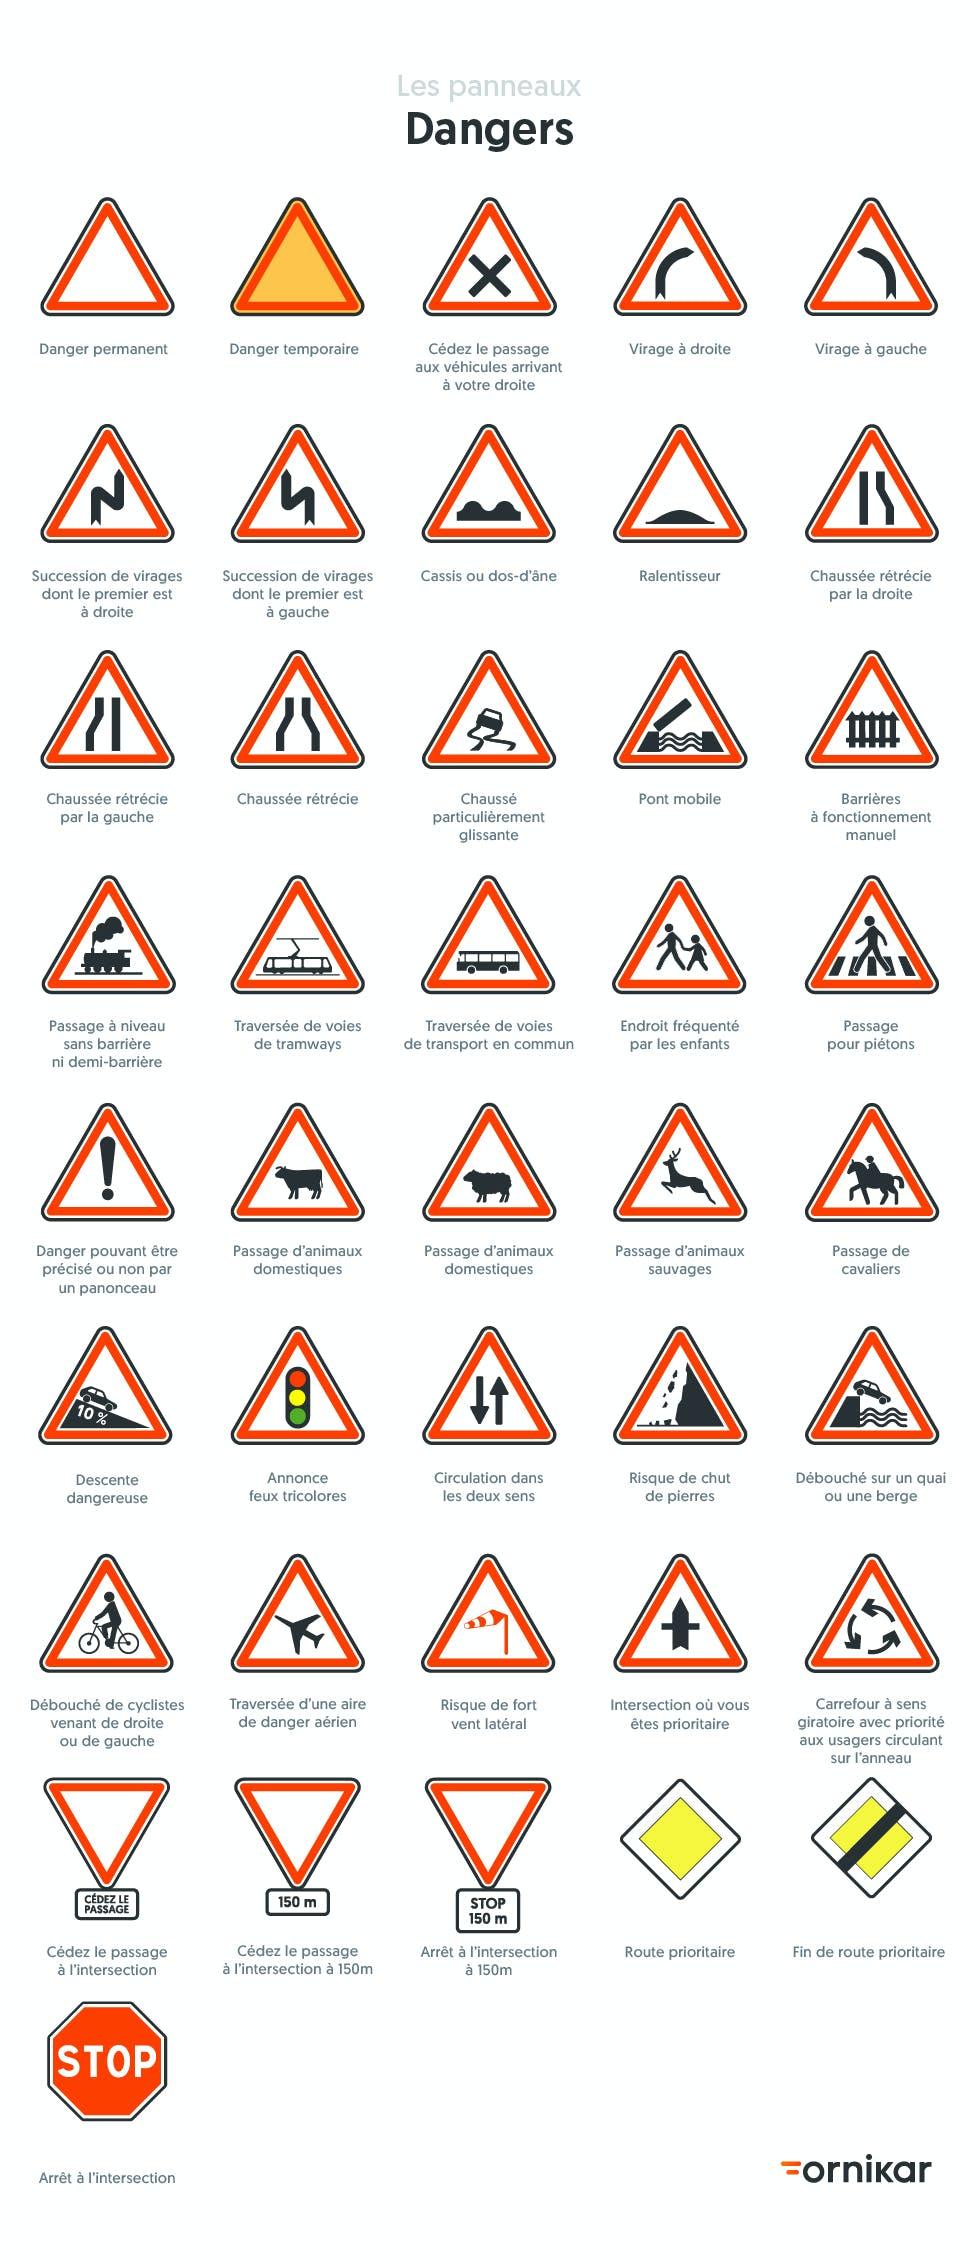 Planche panneau : tous les panneaux de danger